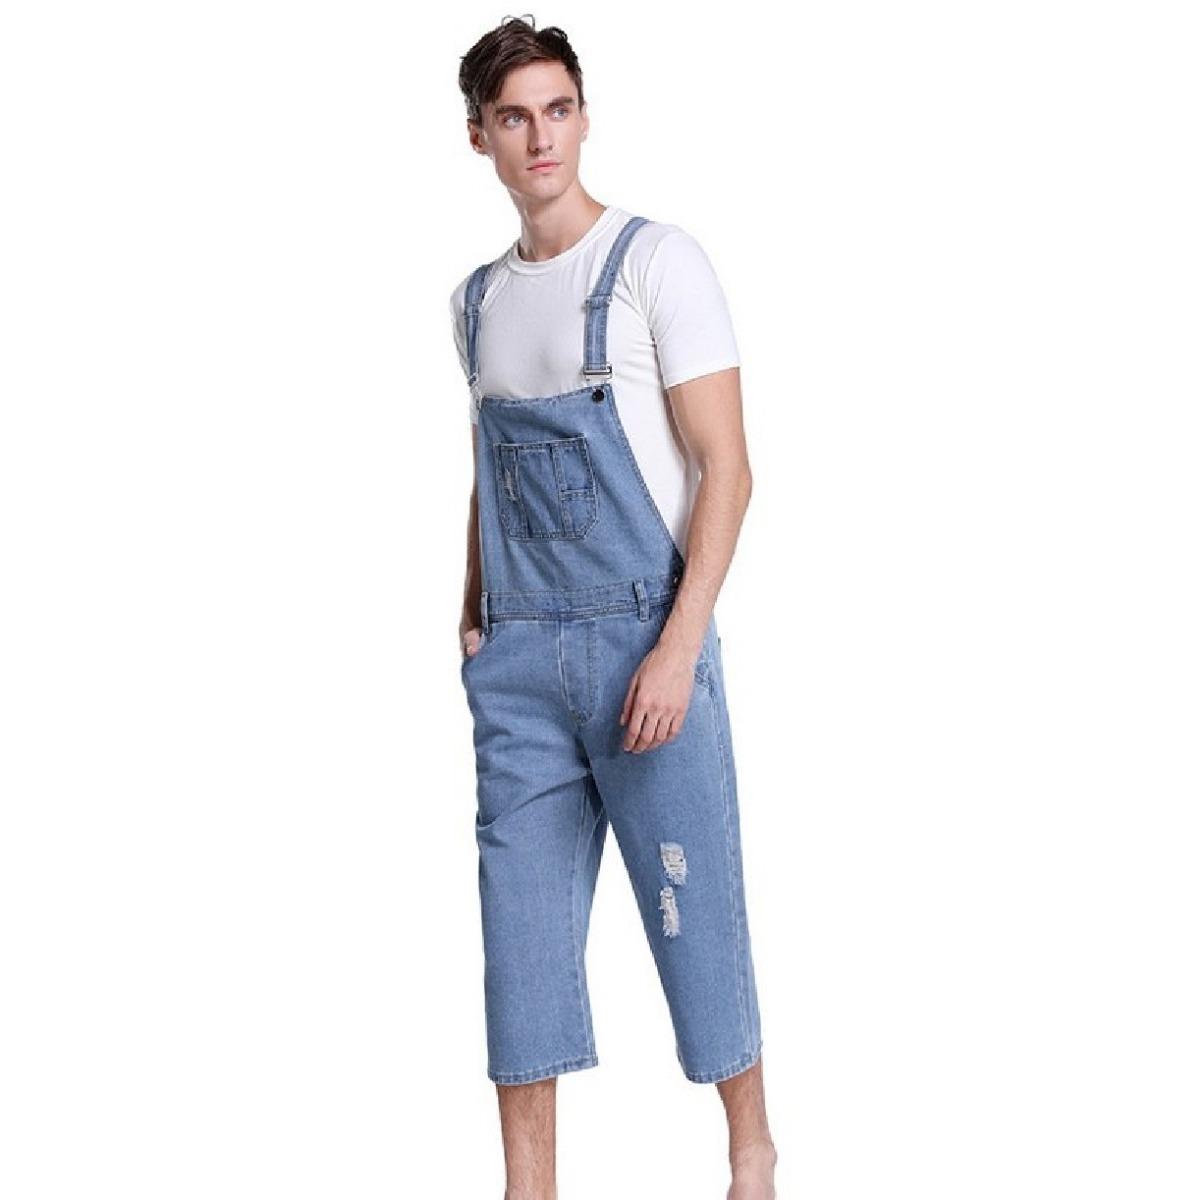 7dd937d12 macacão curto jardineira masculino jeans claro azul original. Carregando  zoom.